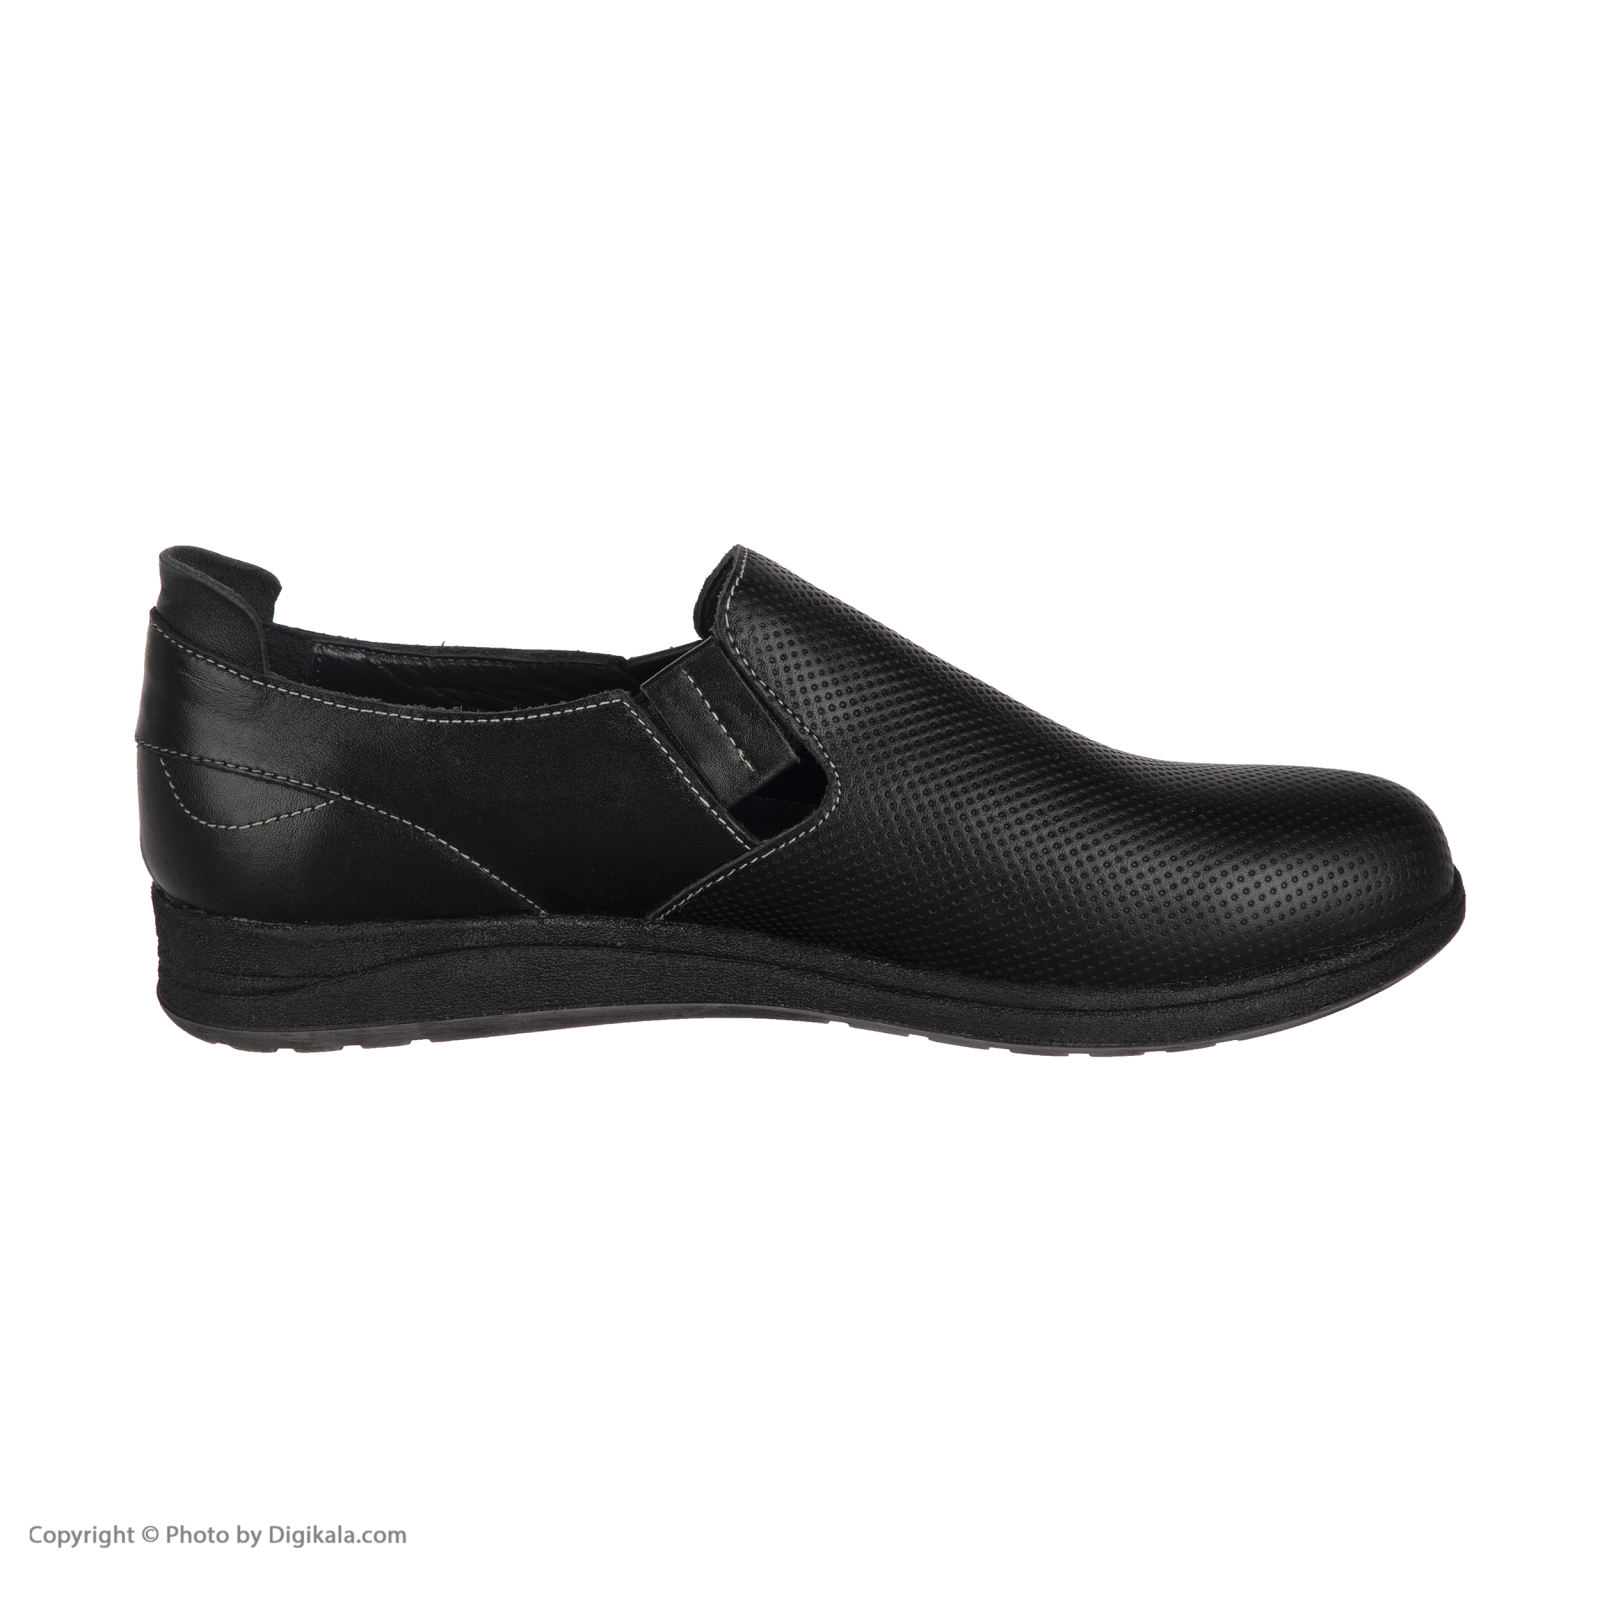 کفش روزمره زنانه سوته مدل 2958B500101 -  - 5